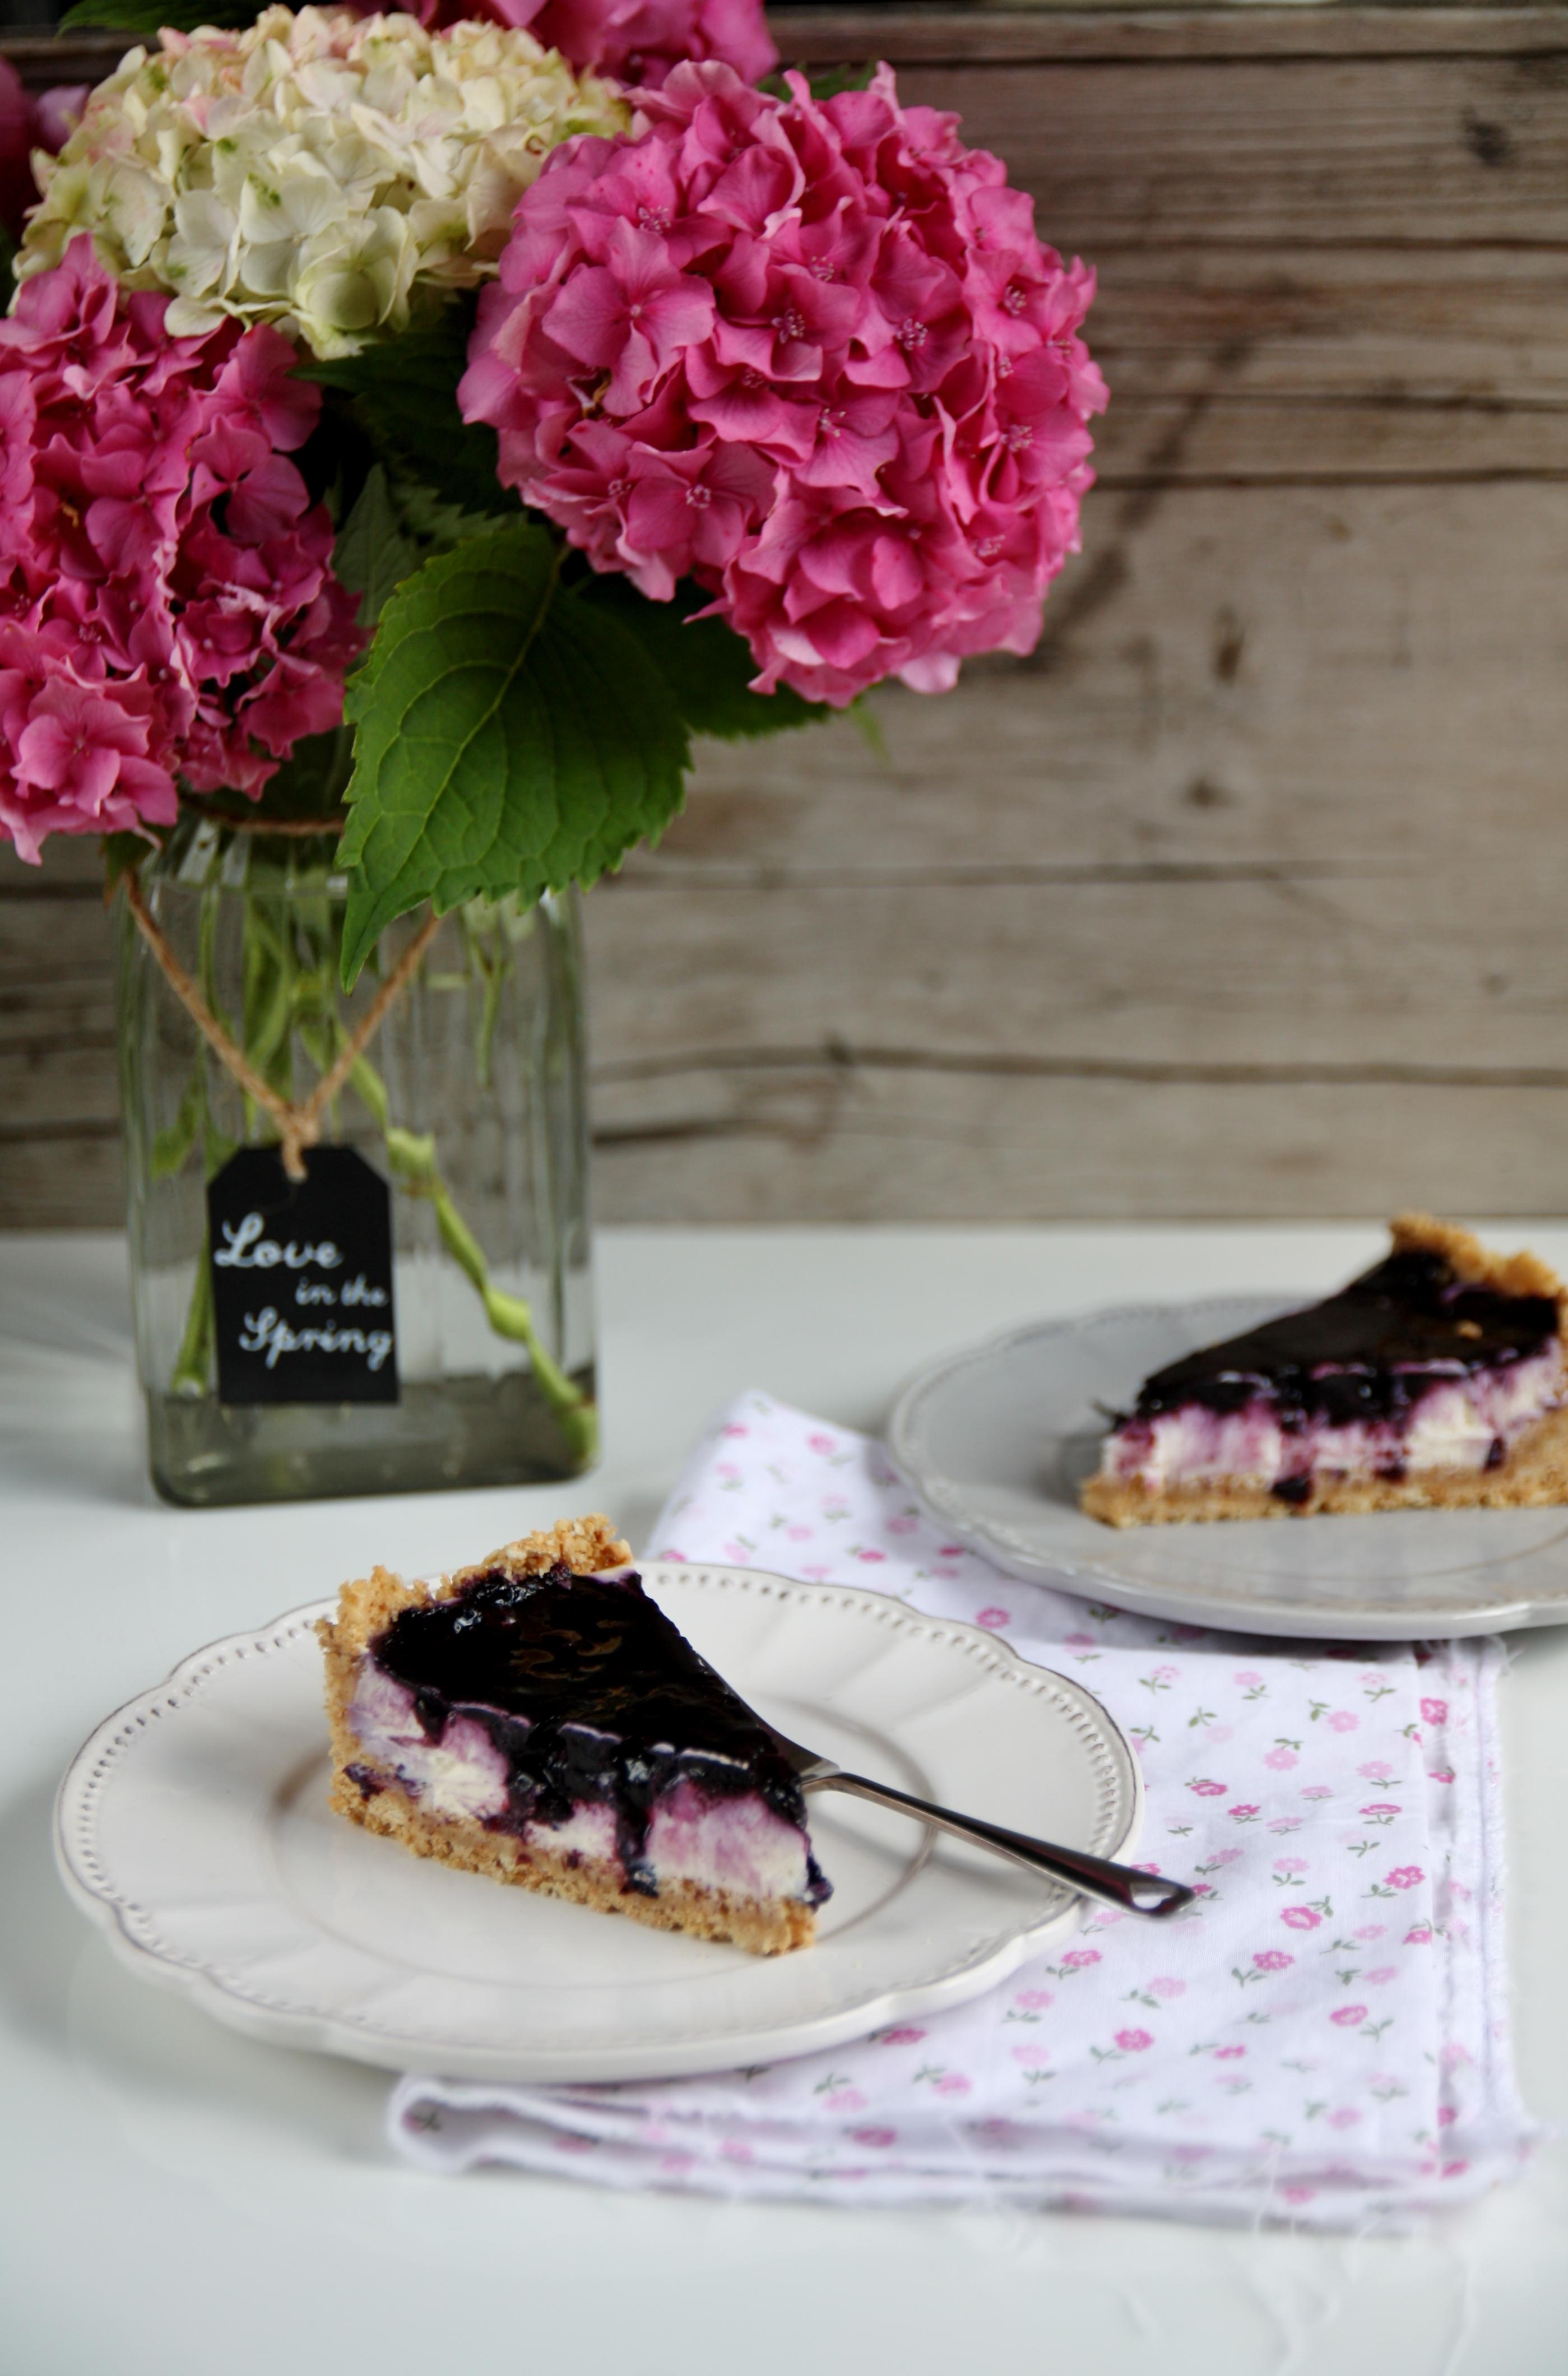 Cheesecake al mascarpone e marmellata di mirtilli